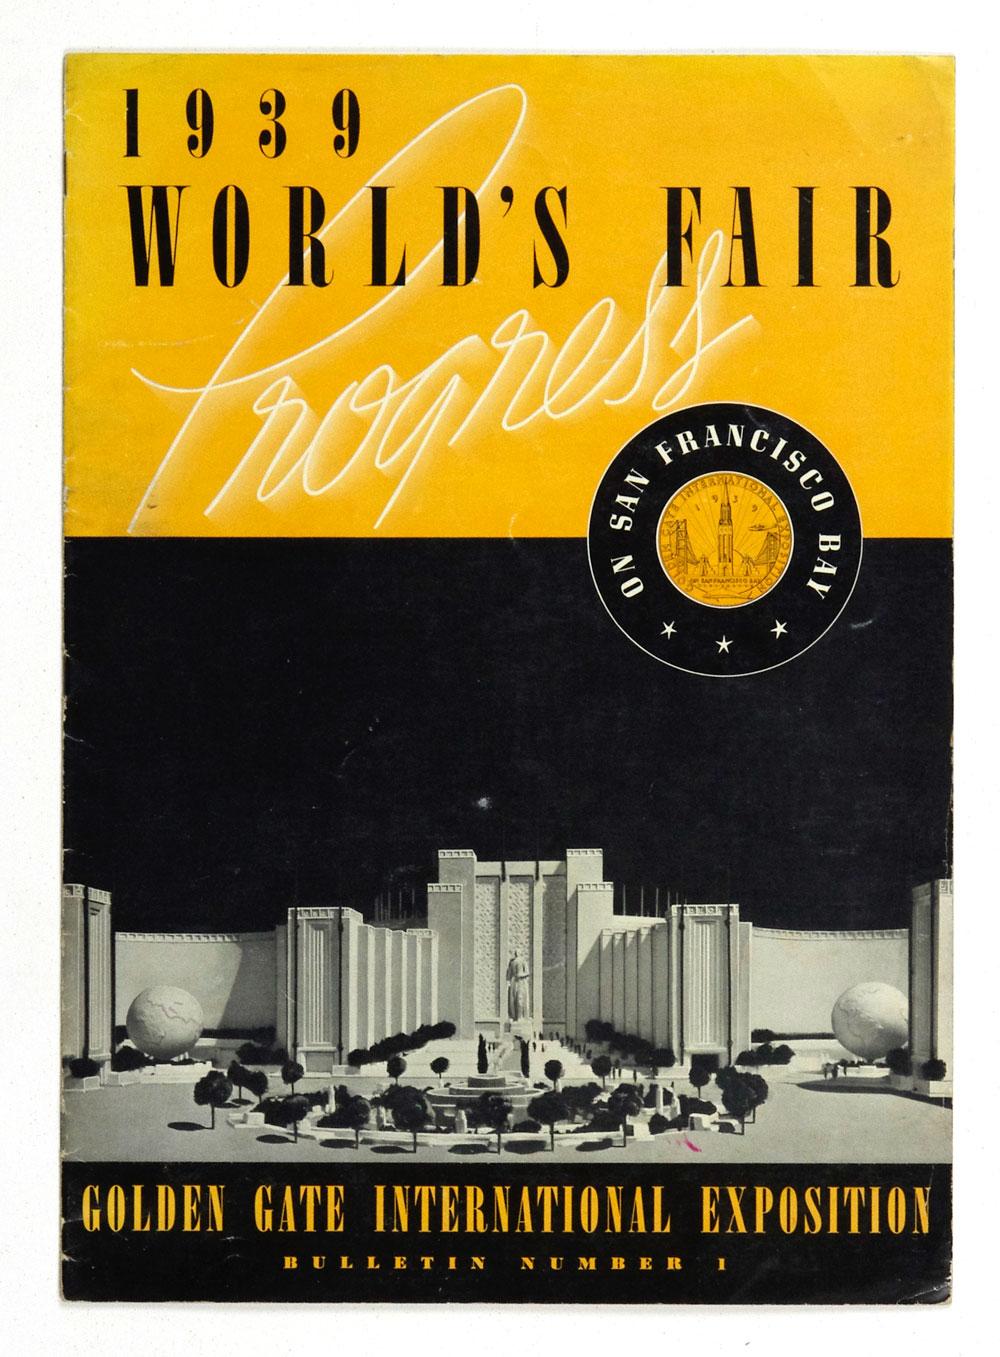 1939 World's Fair on San Francisco Bay Bulletin Number 1